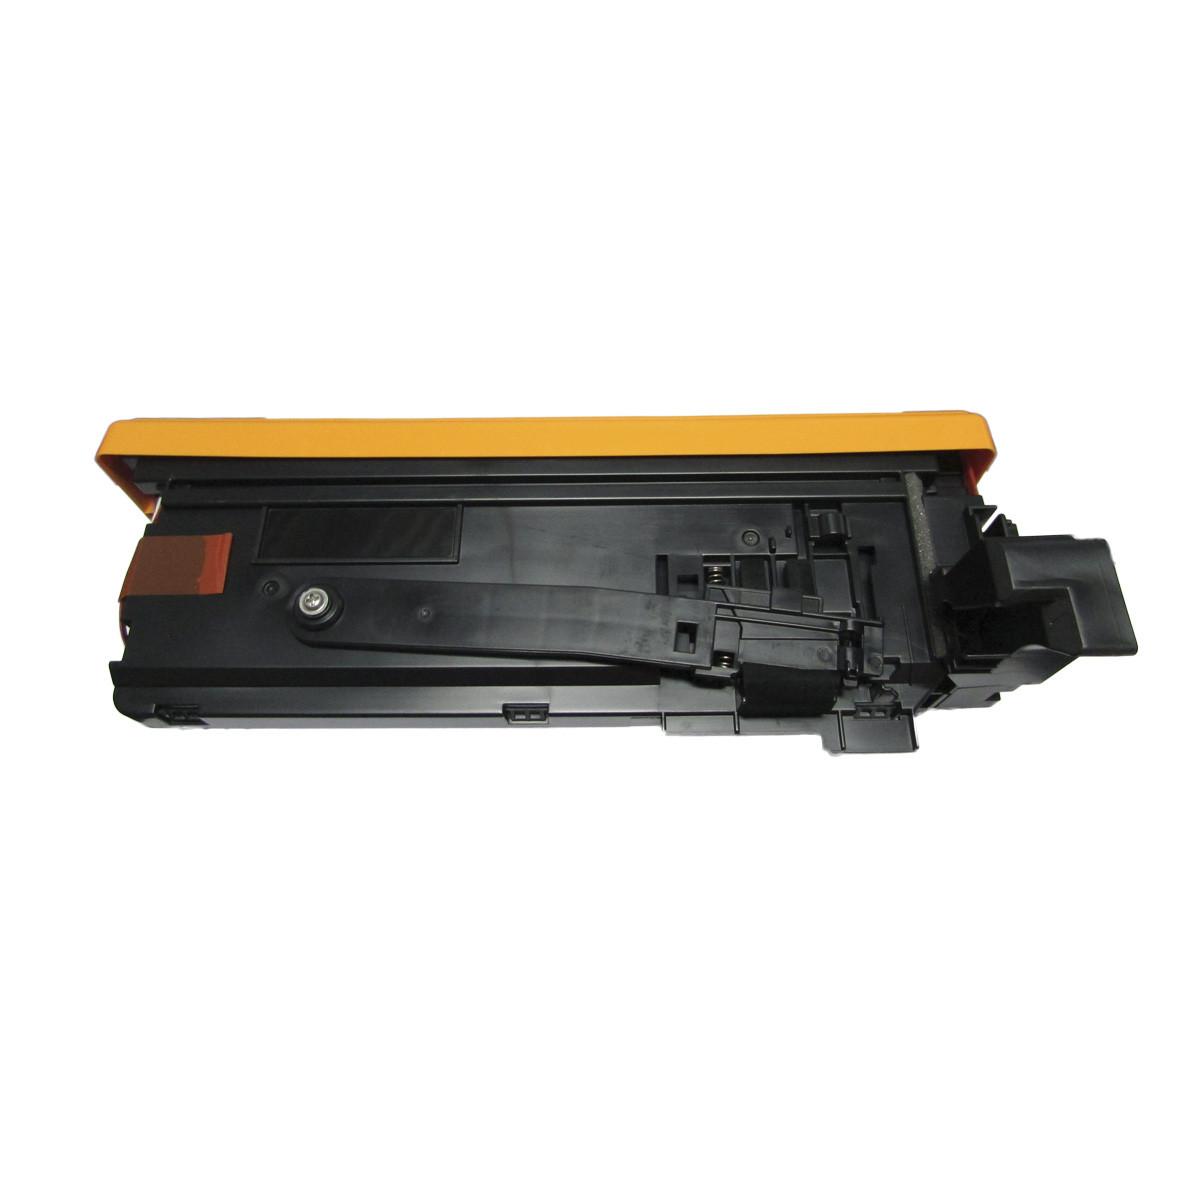 Caixa Reveladora Ricoh MP501 MP501SPF MP601SPF MP601 | M2813030 | Original